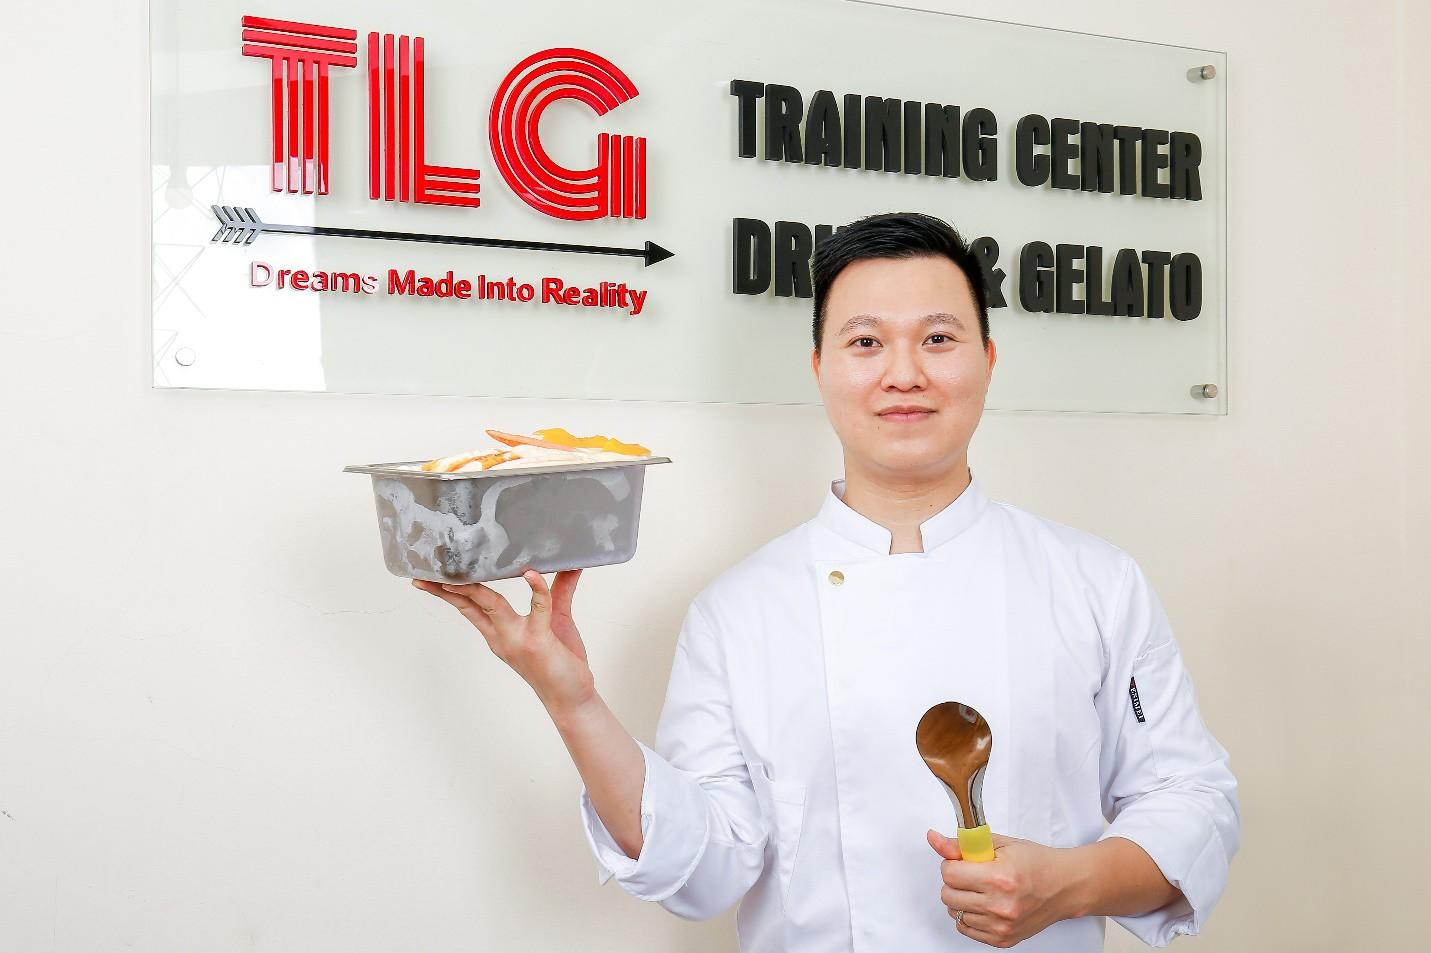 Kinh doanh kem Ý – Bắt kịp xu hướng của giới trẻ - Ảnh 7.